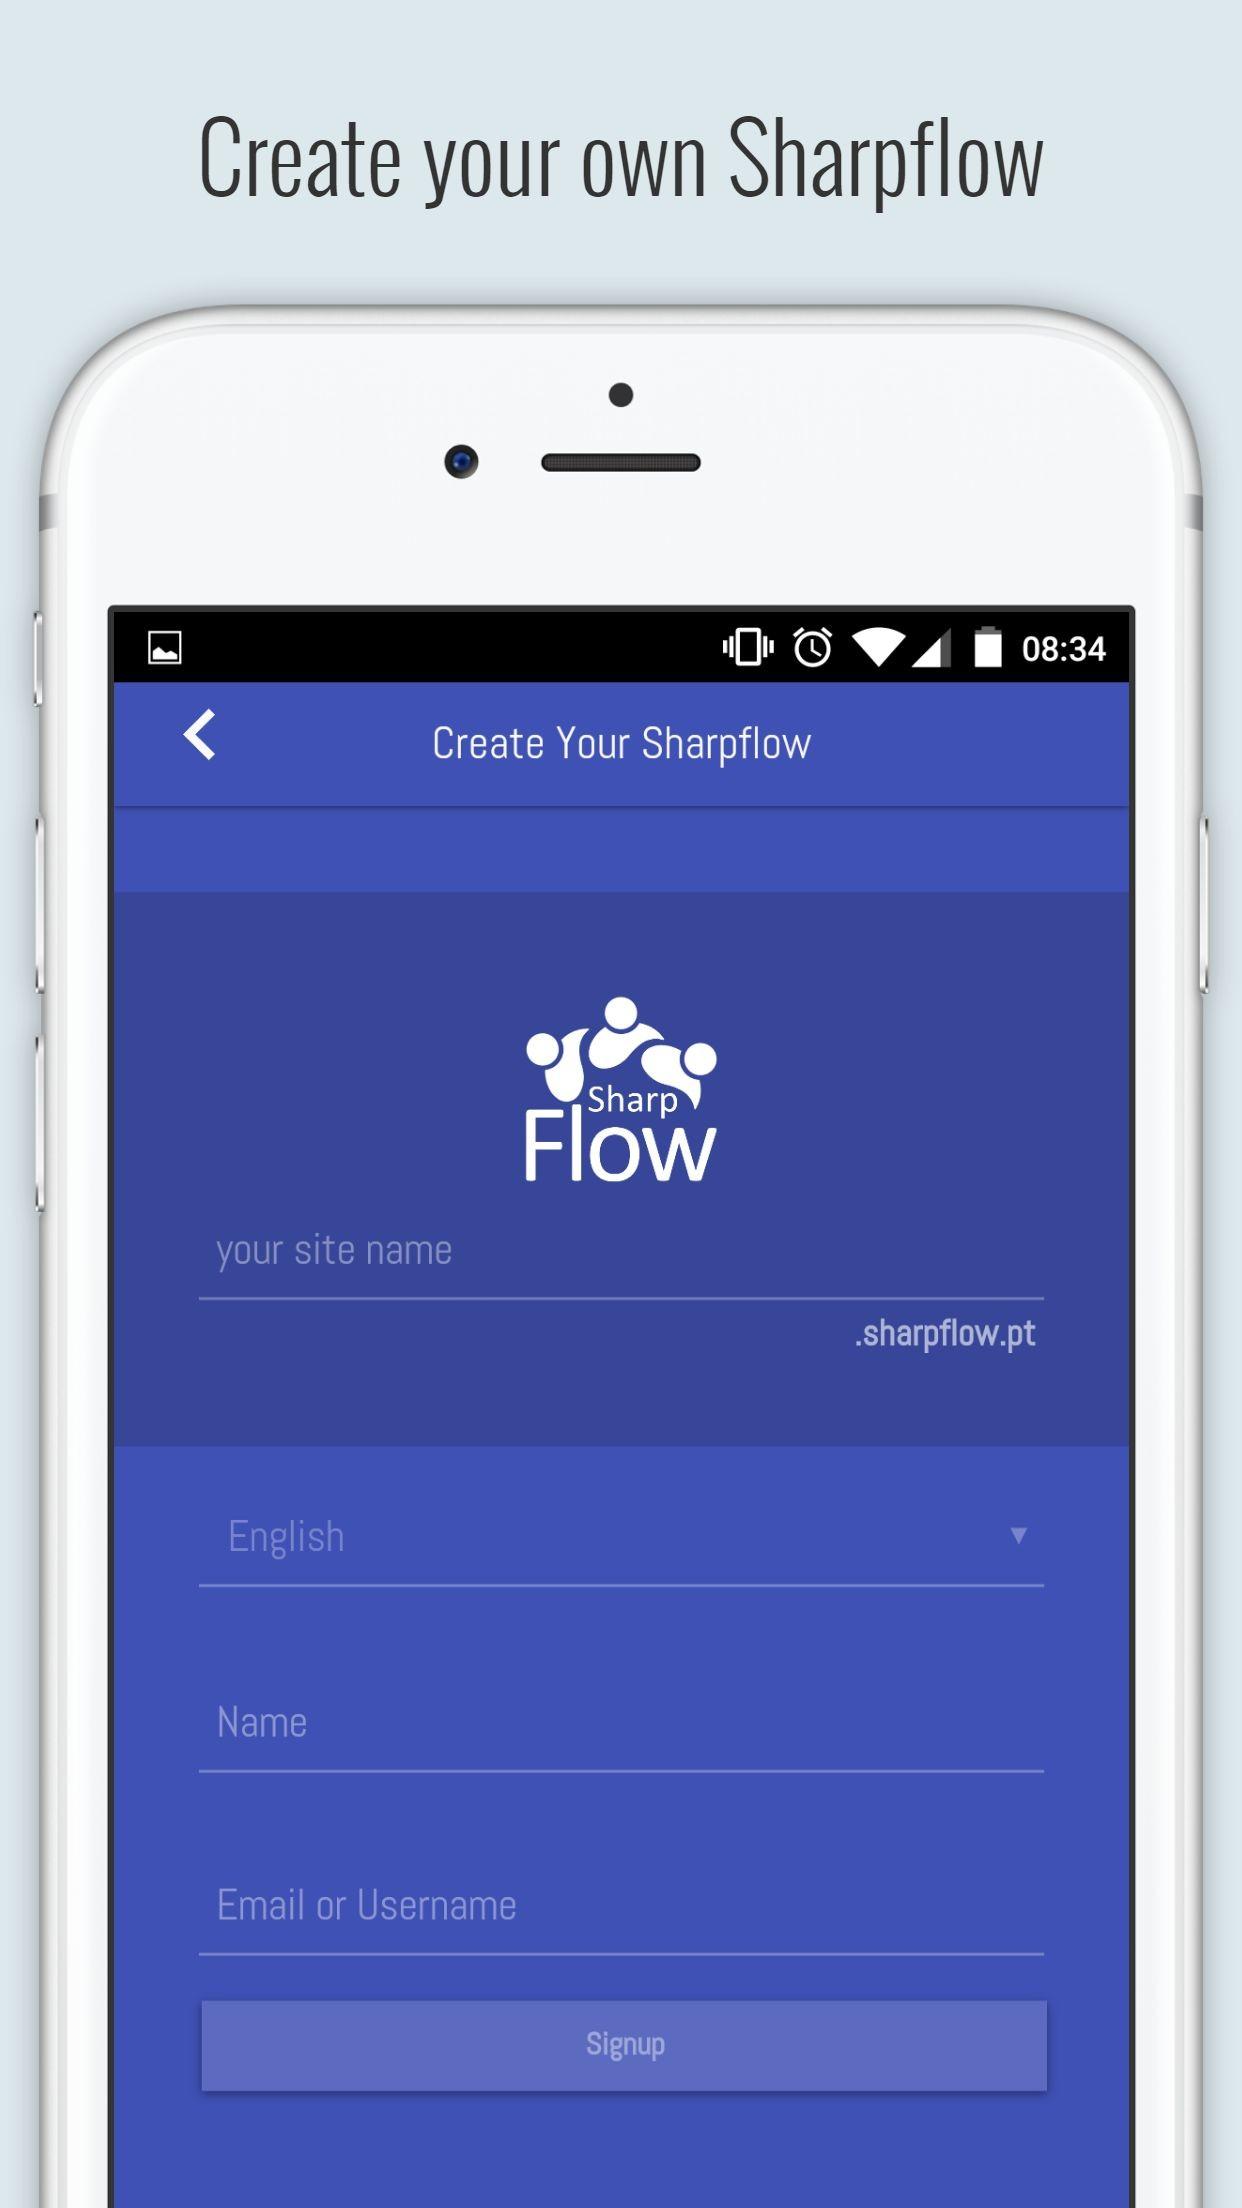 Sharpflow